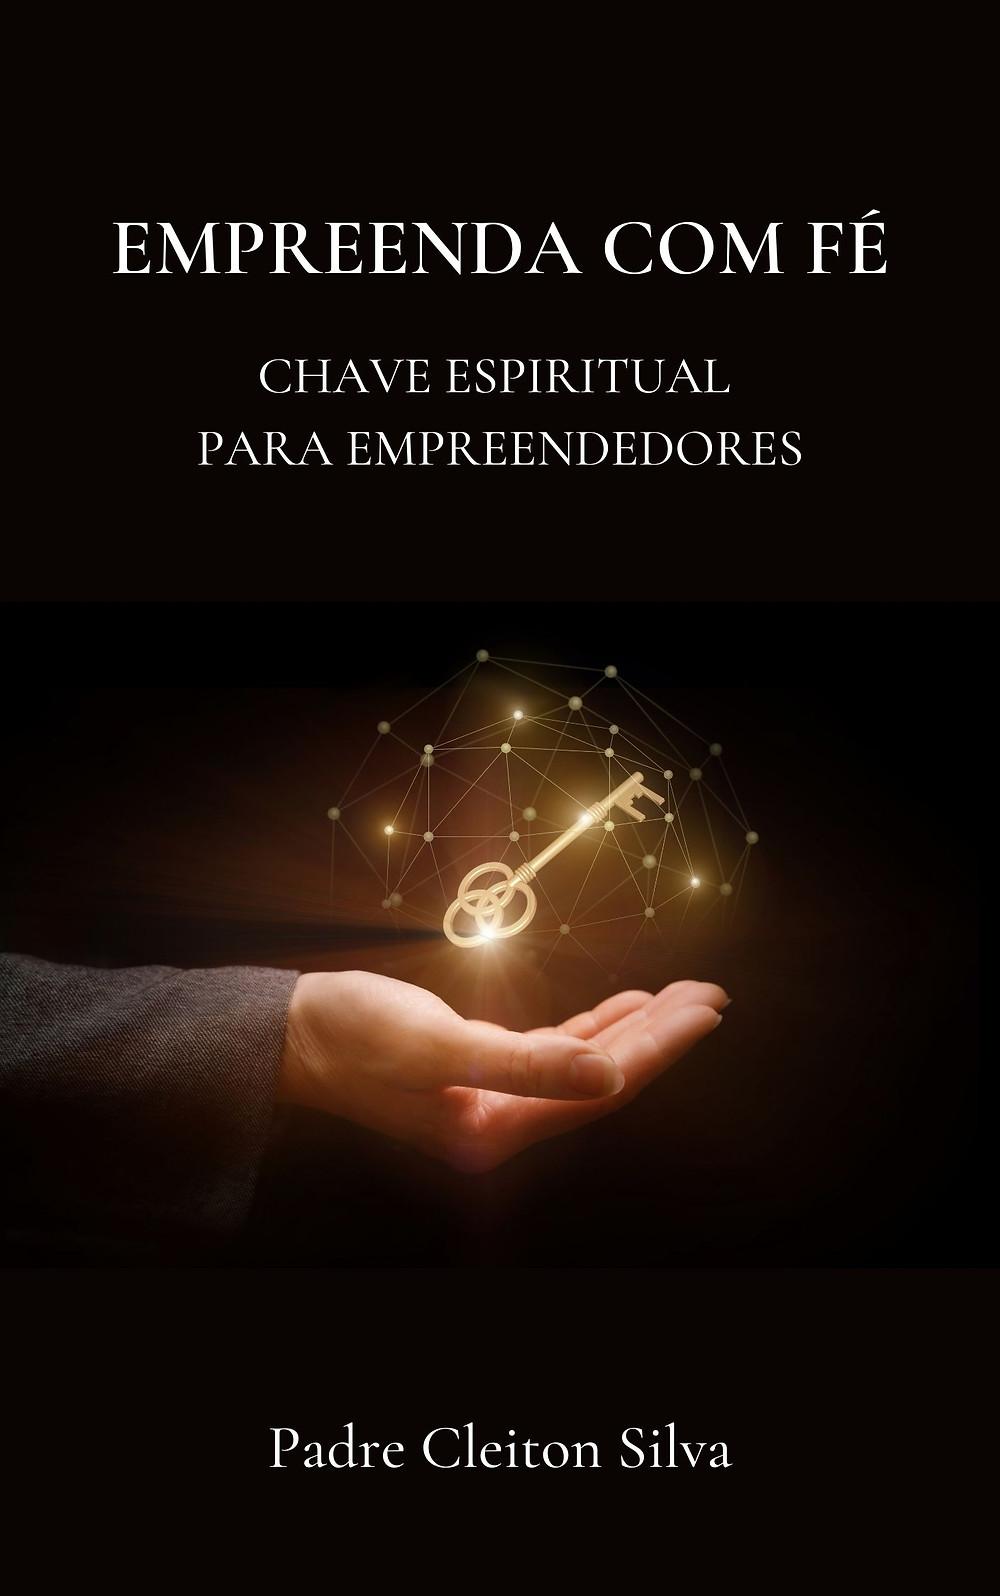 Capa do livro EMPREENDA COM FÉ. No centro da capa a imagem de uma chave, simbolizando a espiritualidade do empreendedor.